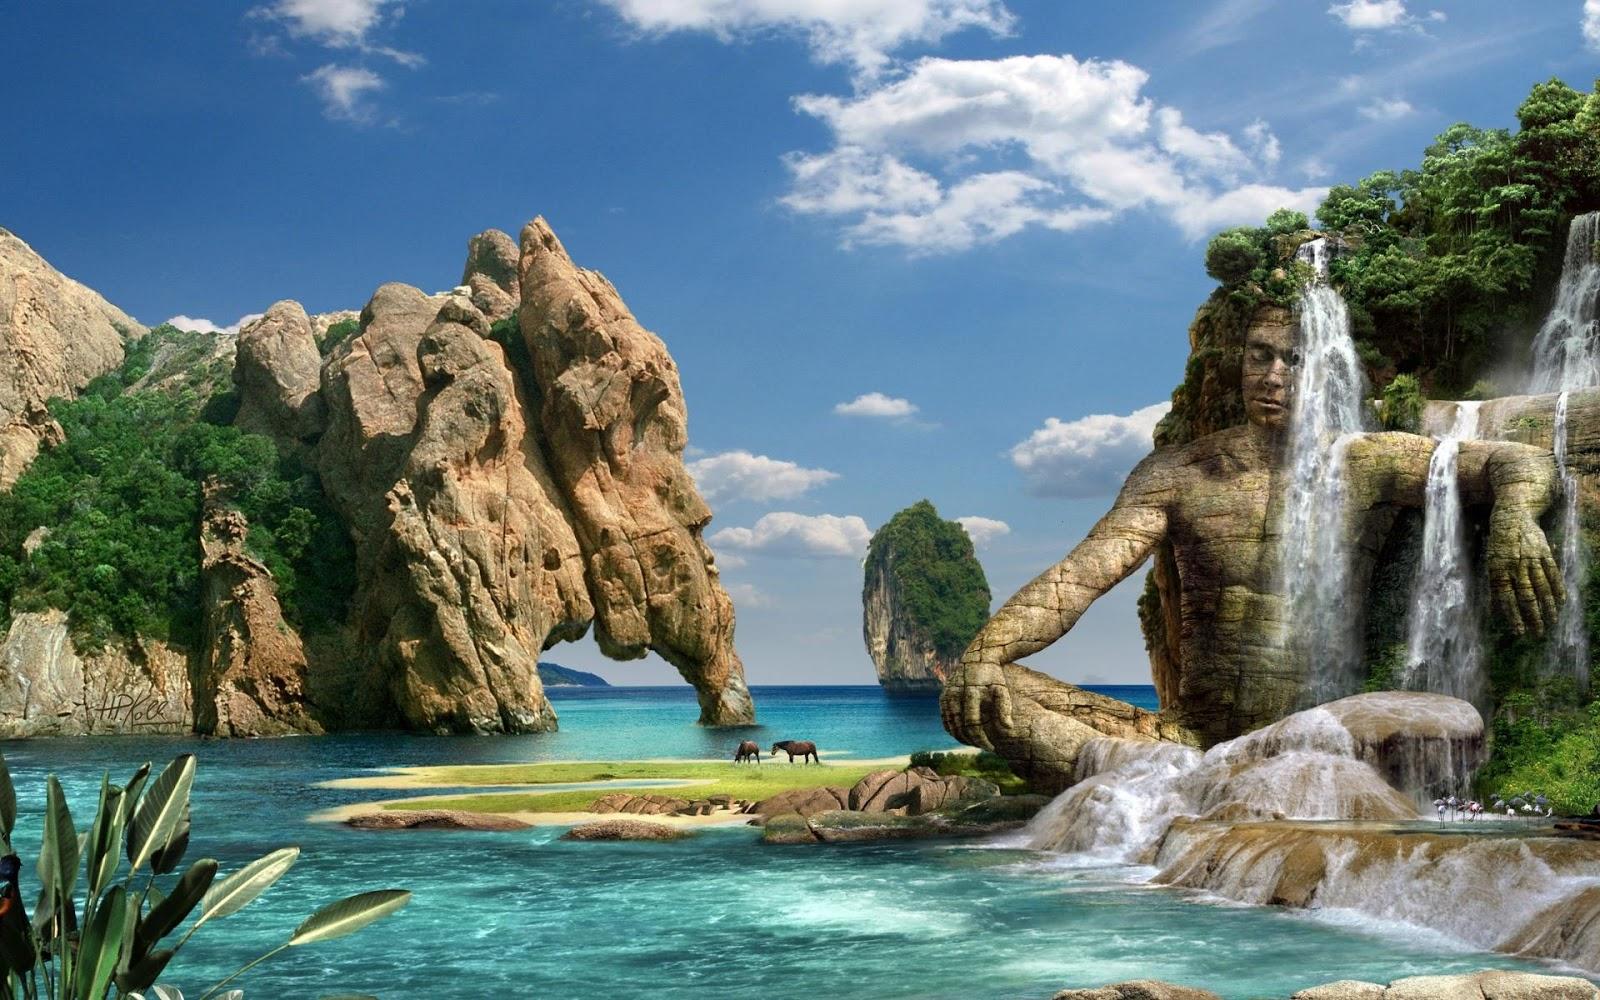 3D Fantasy Sculptures